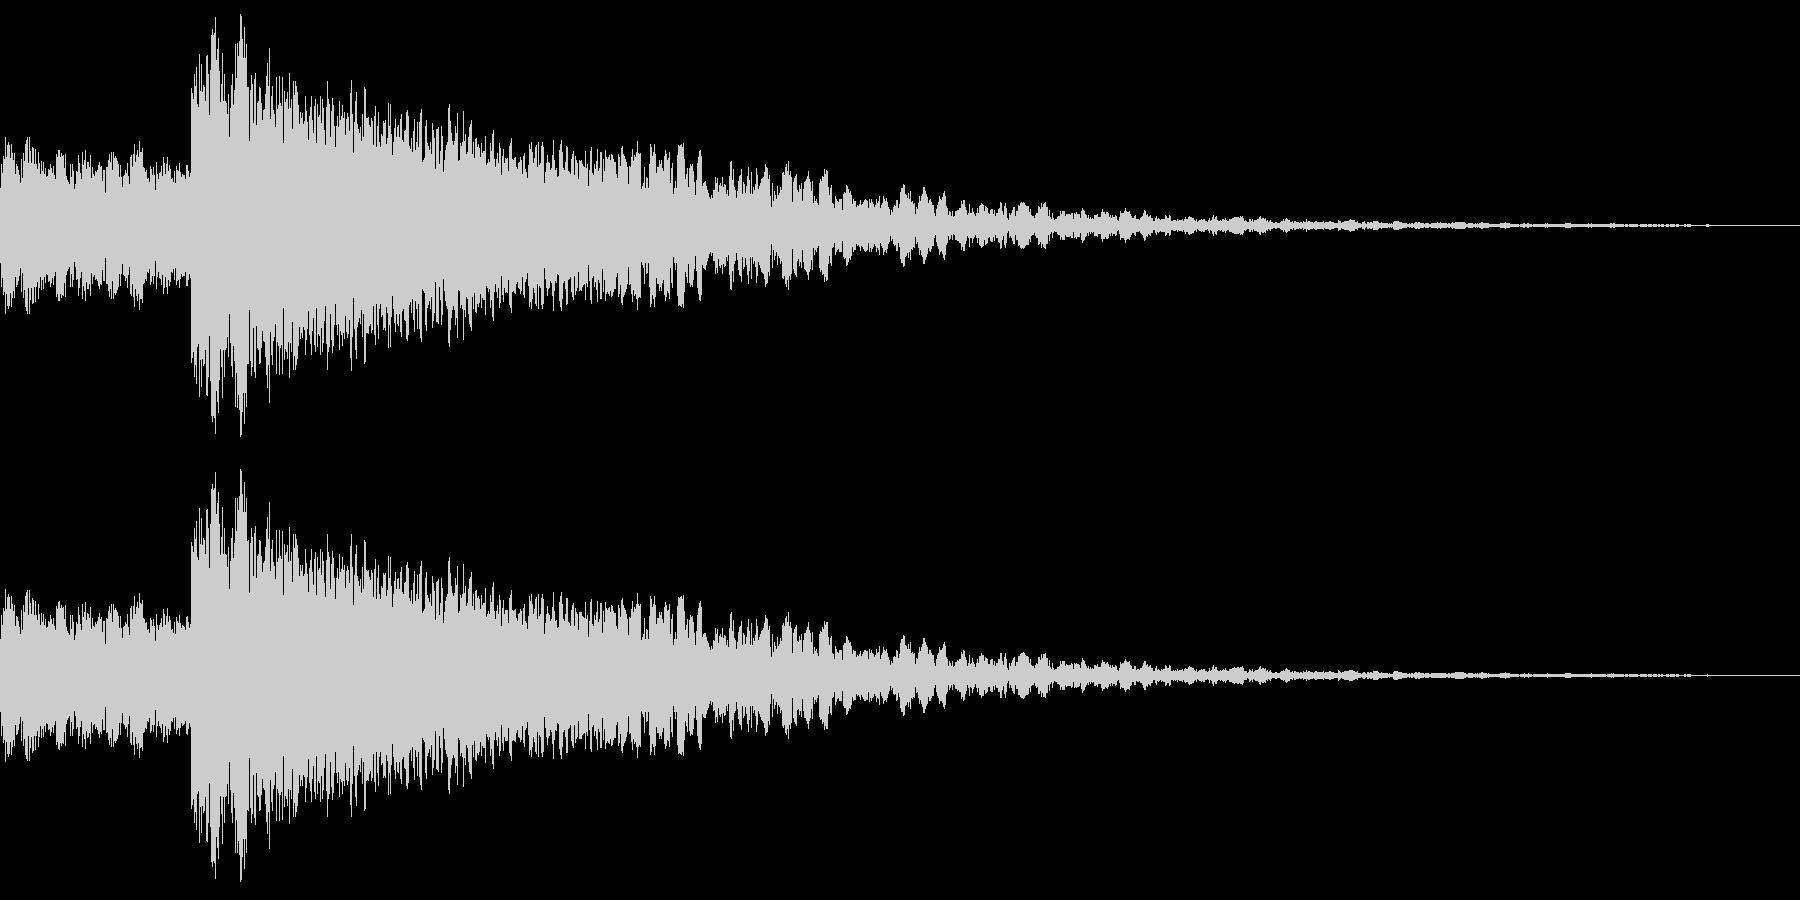 ロボット足音 タイプ4の未再生の波形